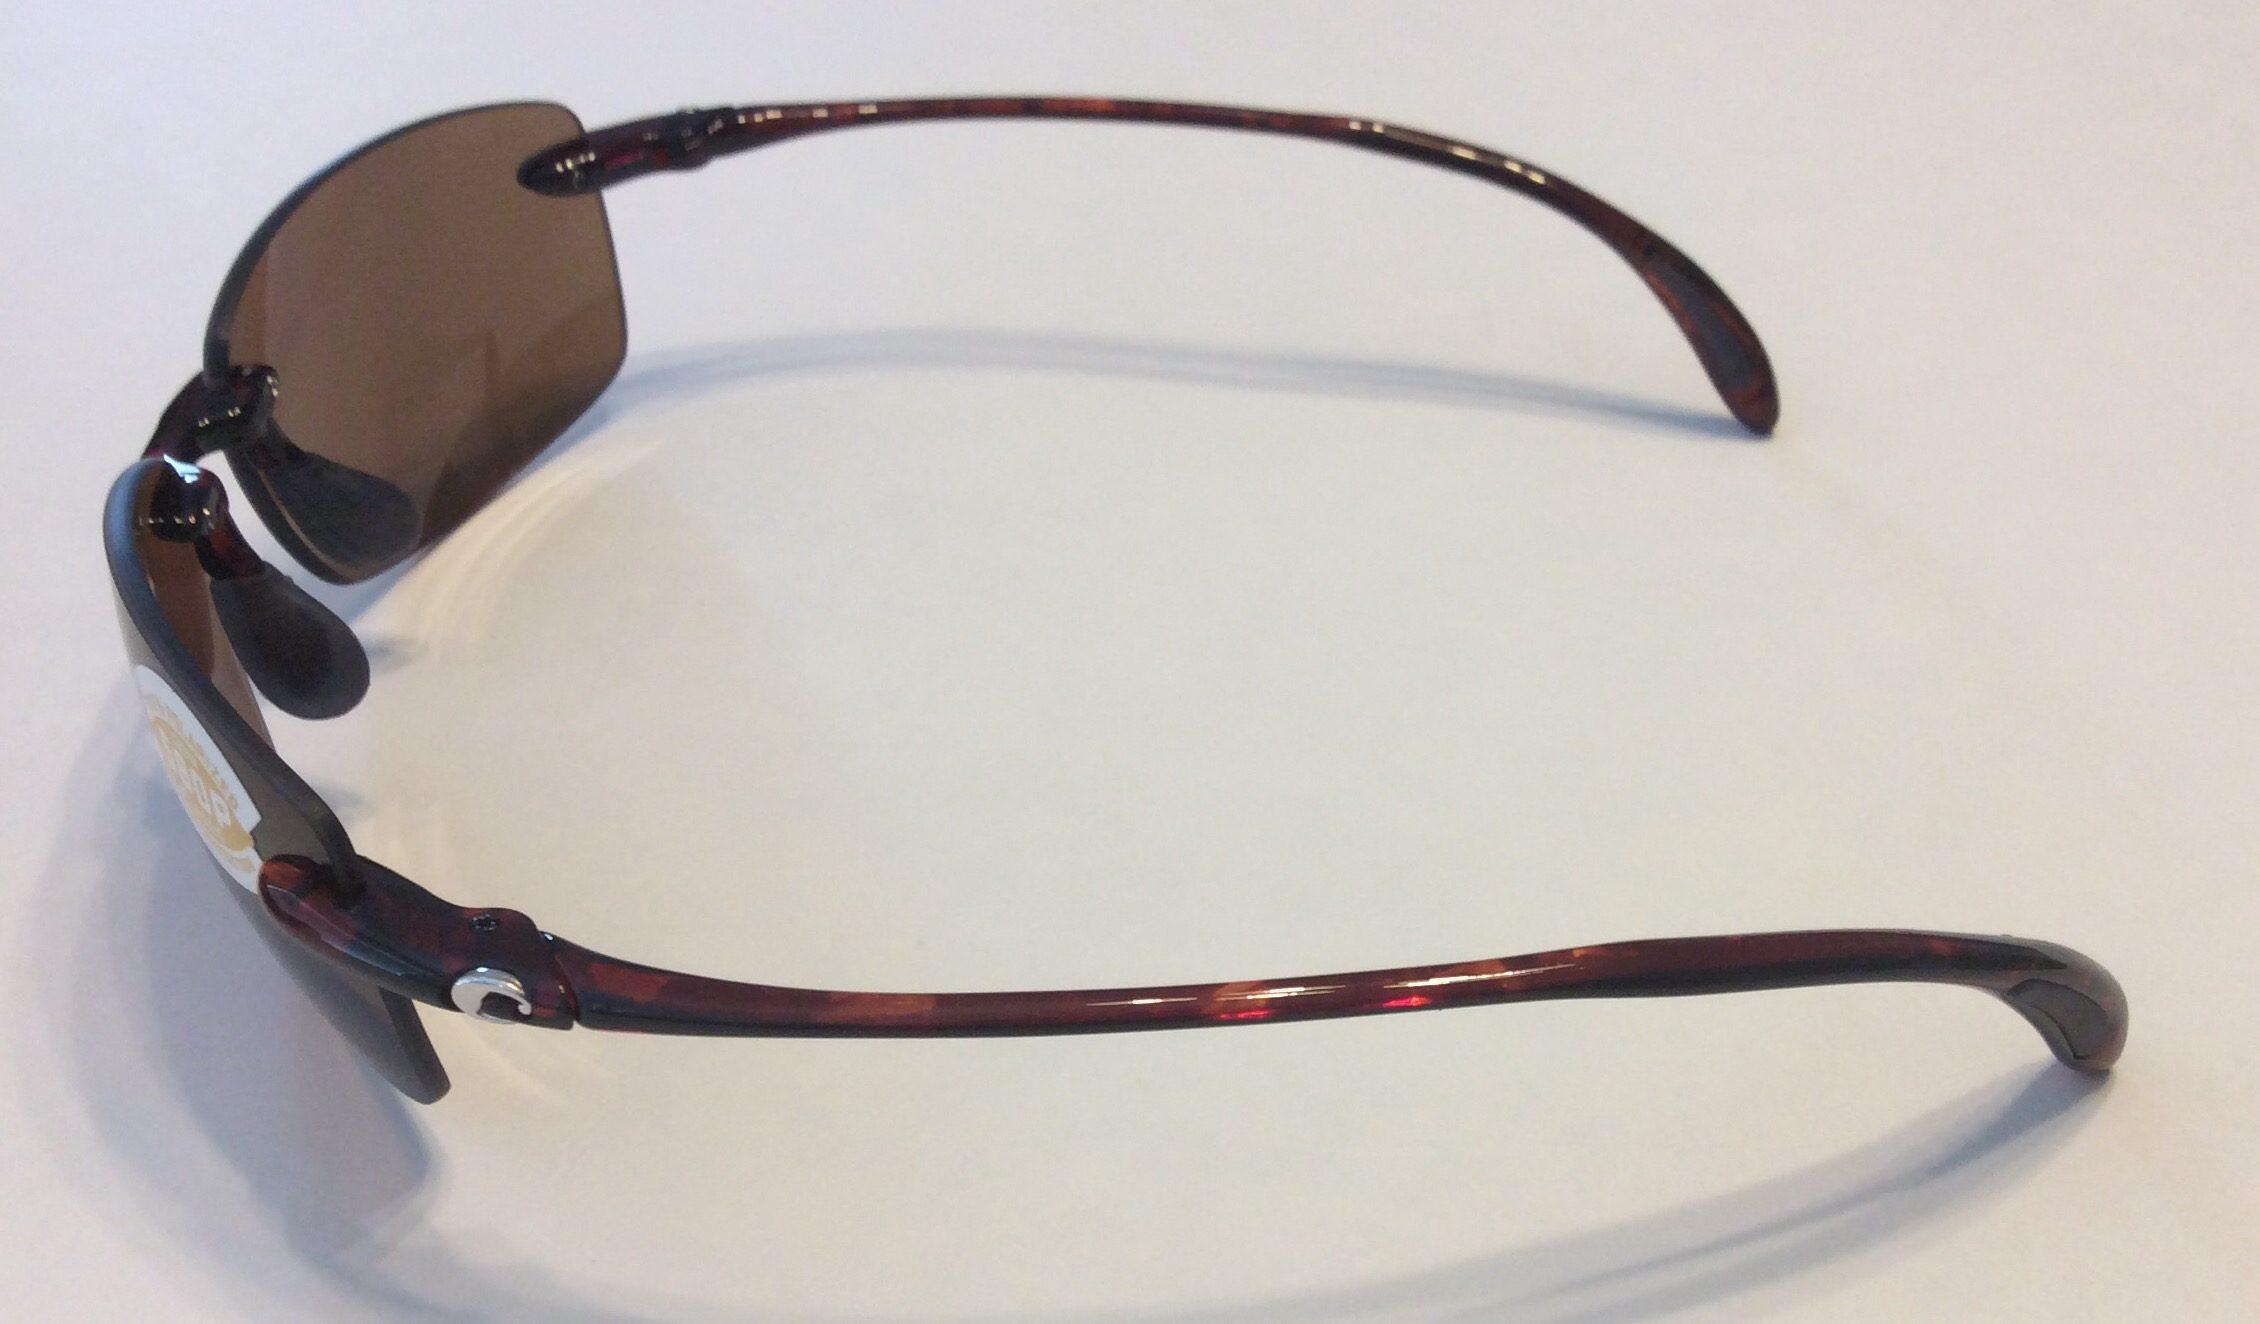 dd829dca85 Costa Del Mar Ballast Polarized Sunglasses « Heritage Malta